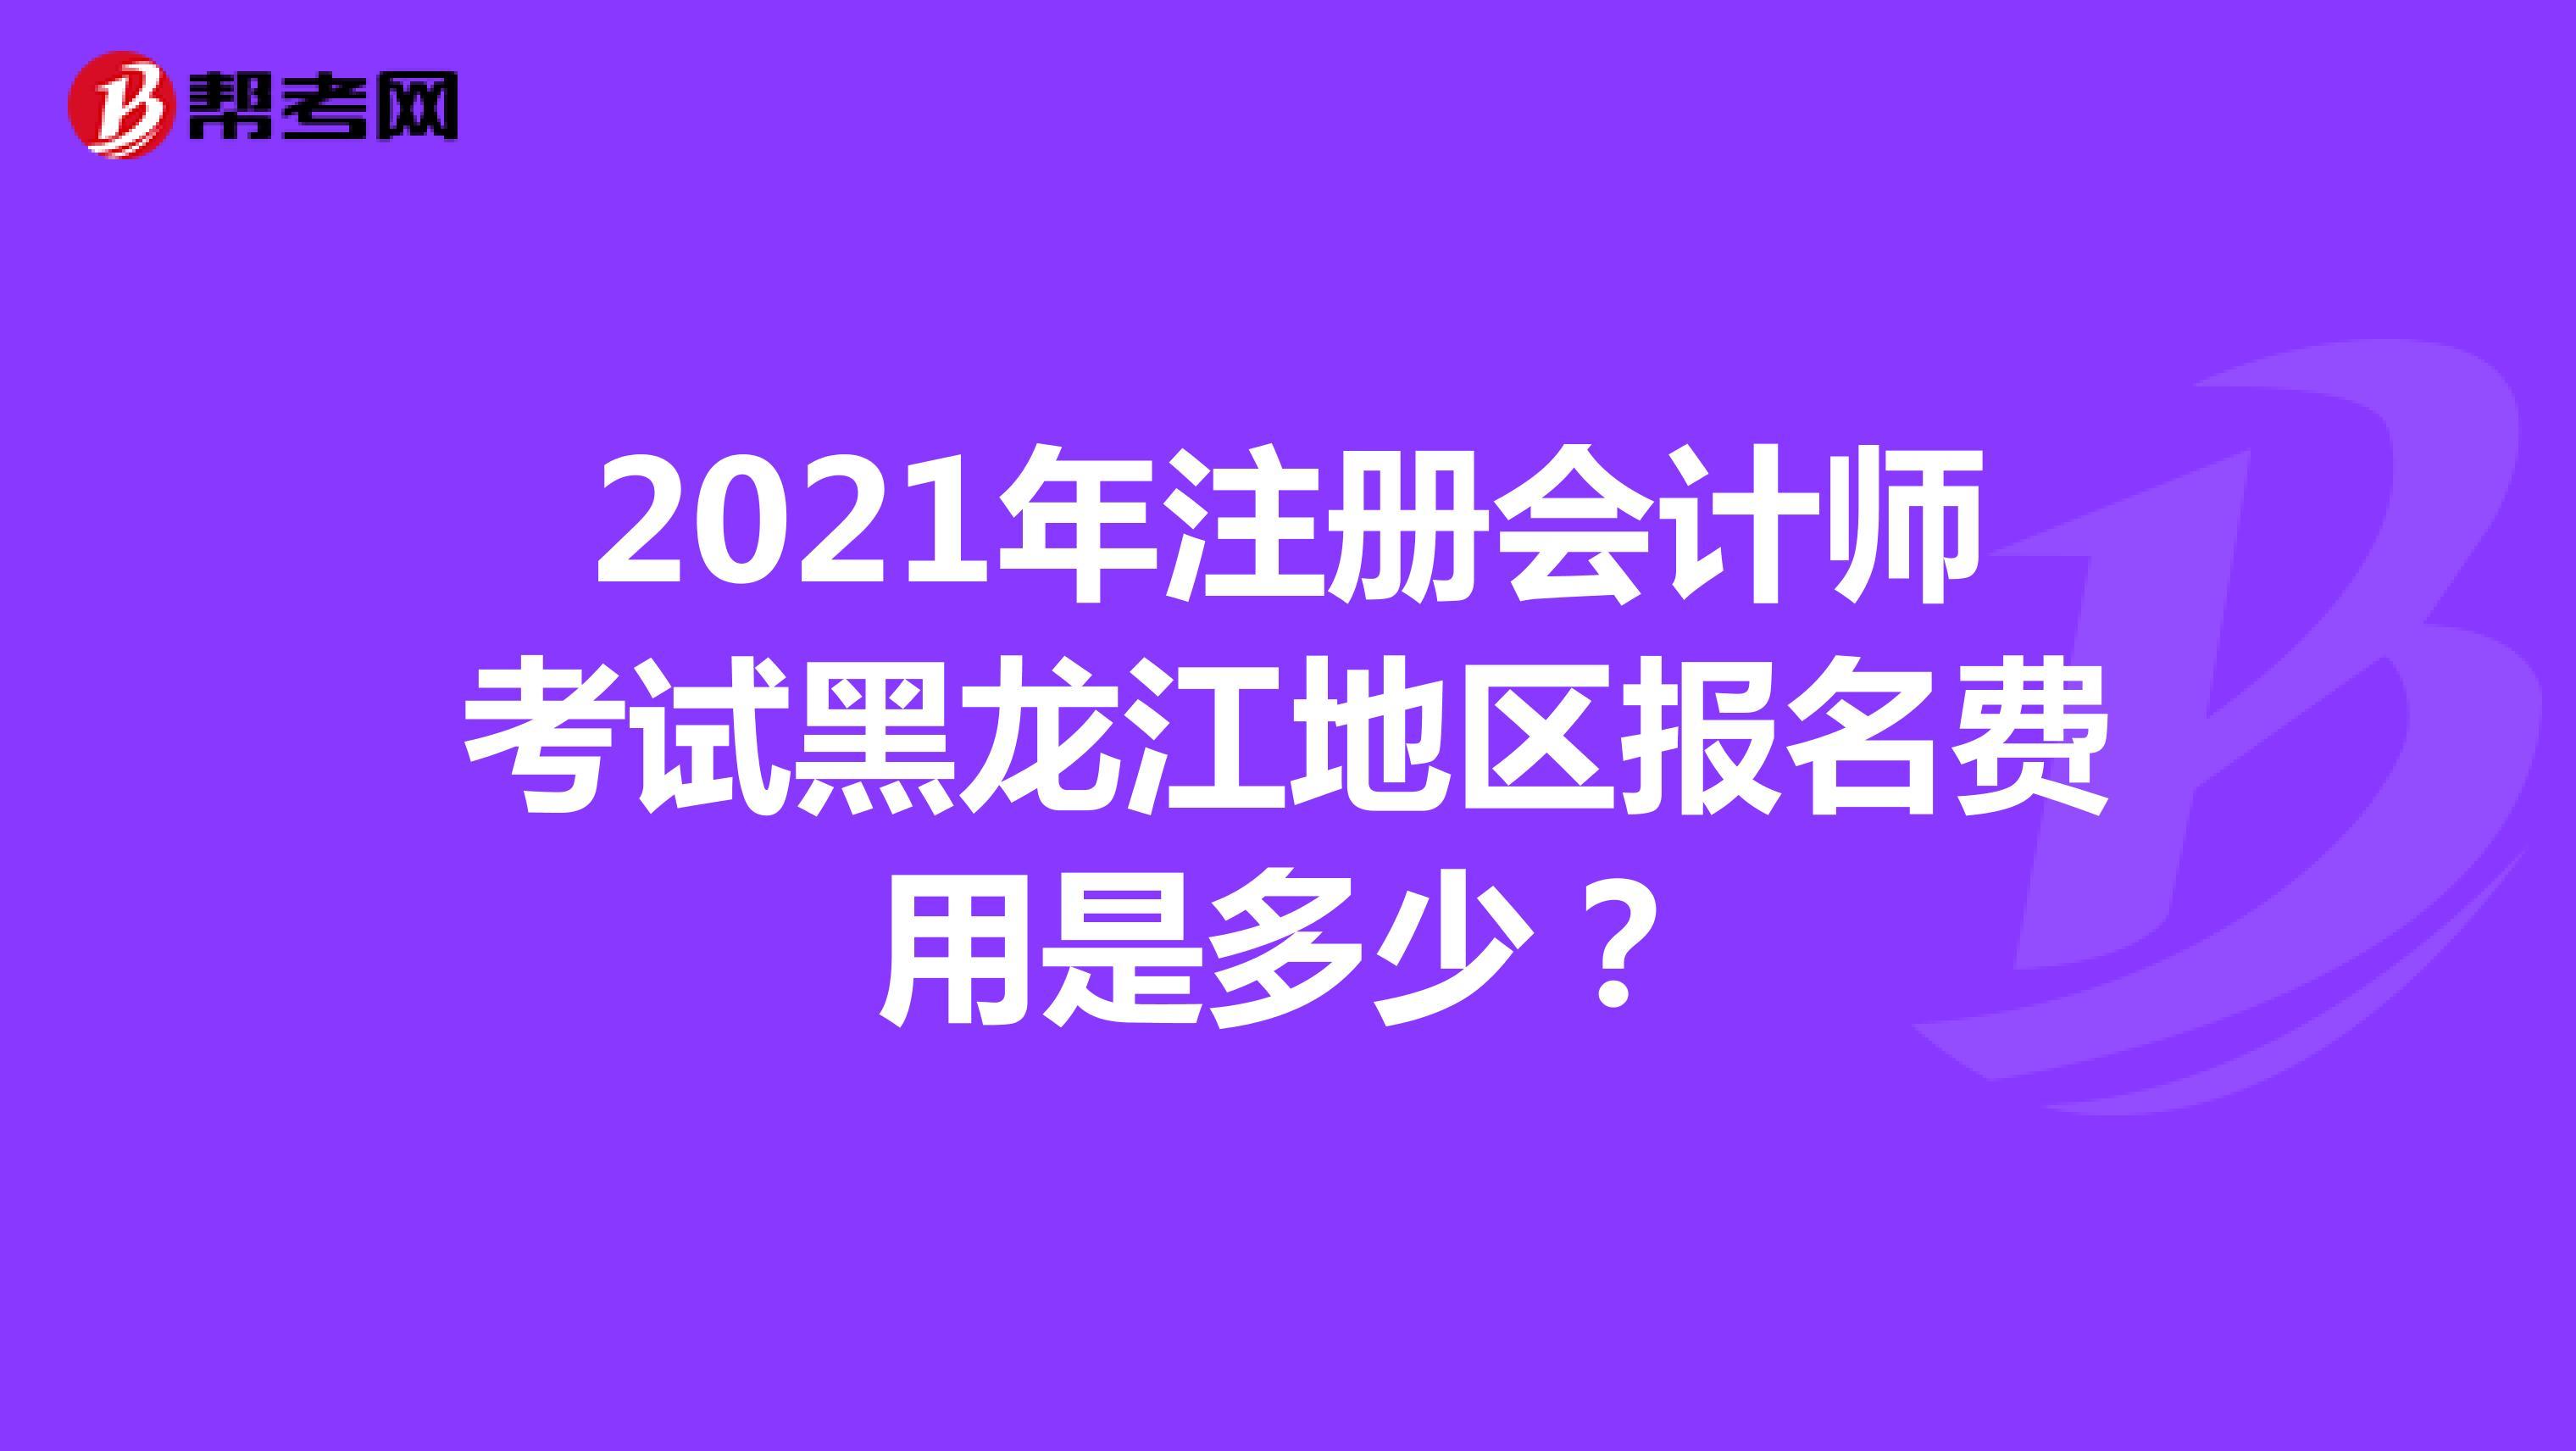 2021年注冊會計師考試黑龍江地區報名費用是多少?